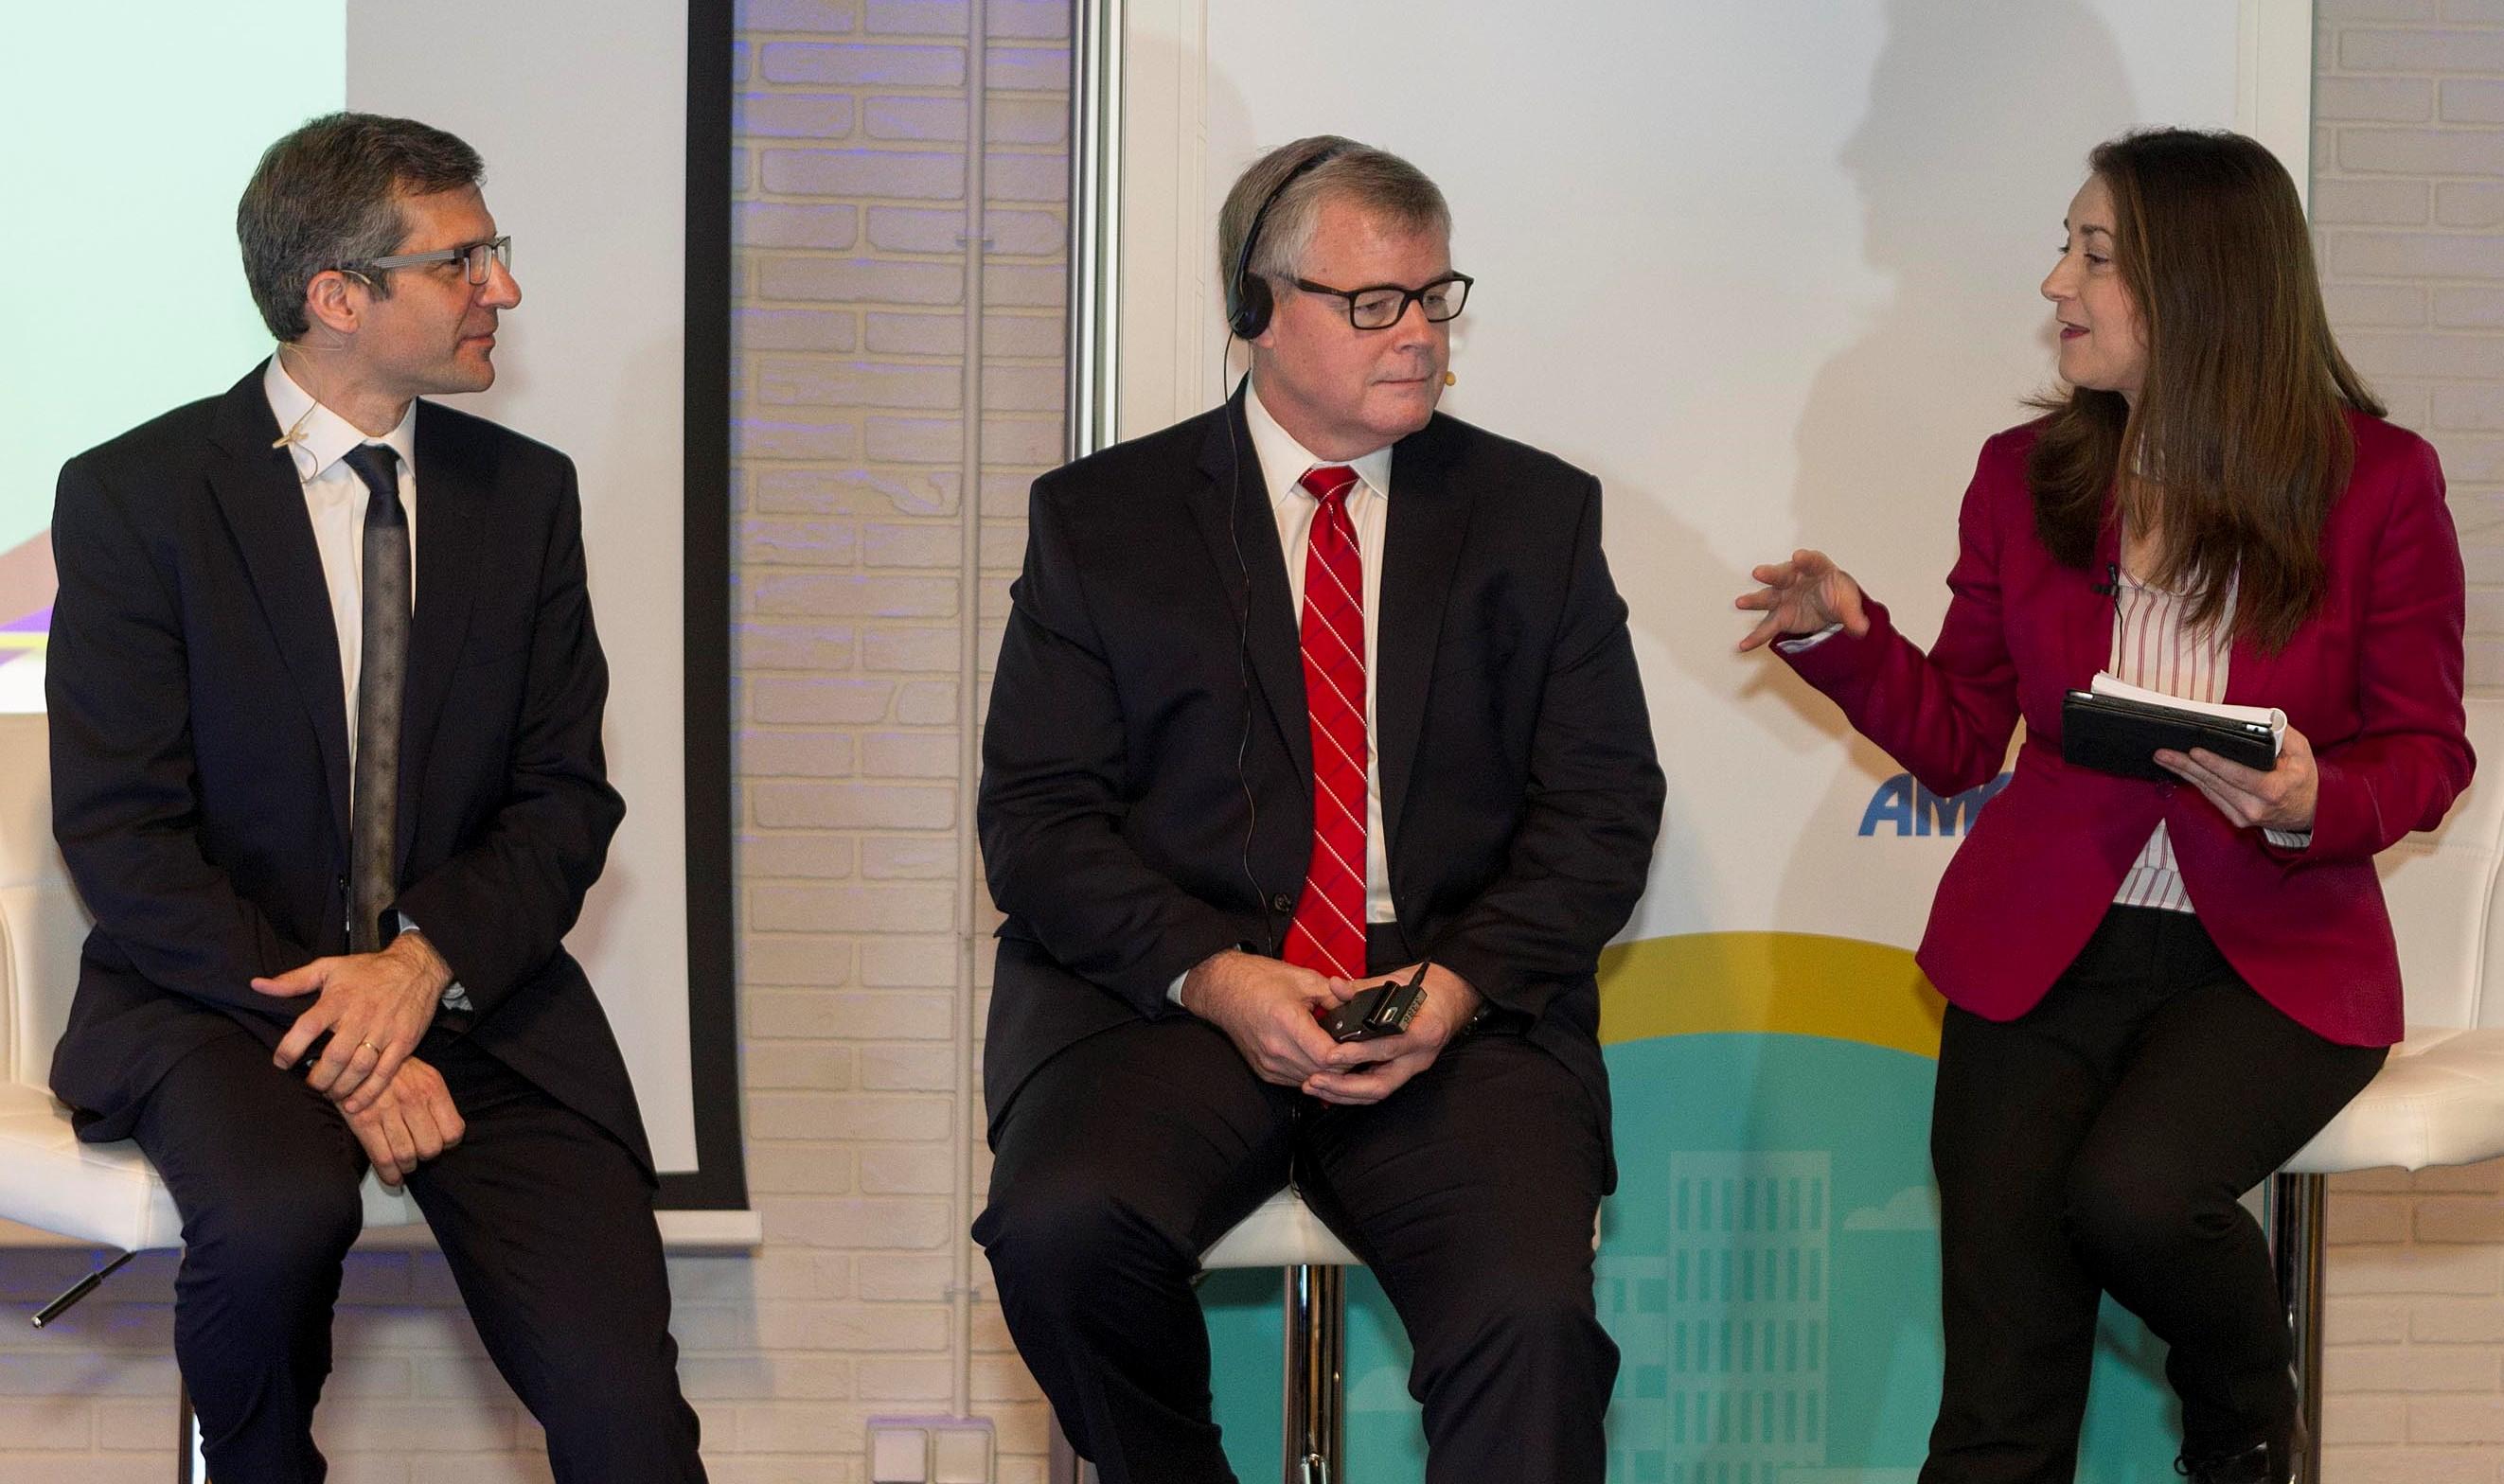 Miguel Ángel Calleja, Douglas Scheckelhoff y Ana Lozano (Vicepresidenta SEFH y Jefa de Servicio de Farmacia del HUCA)